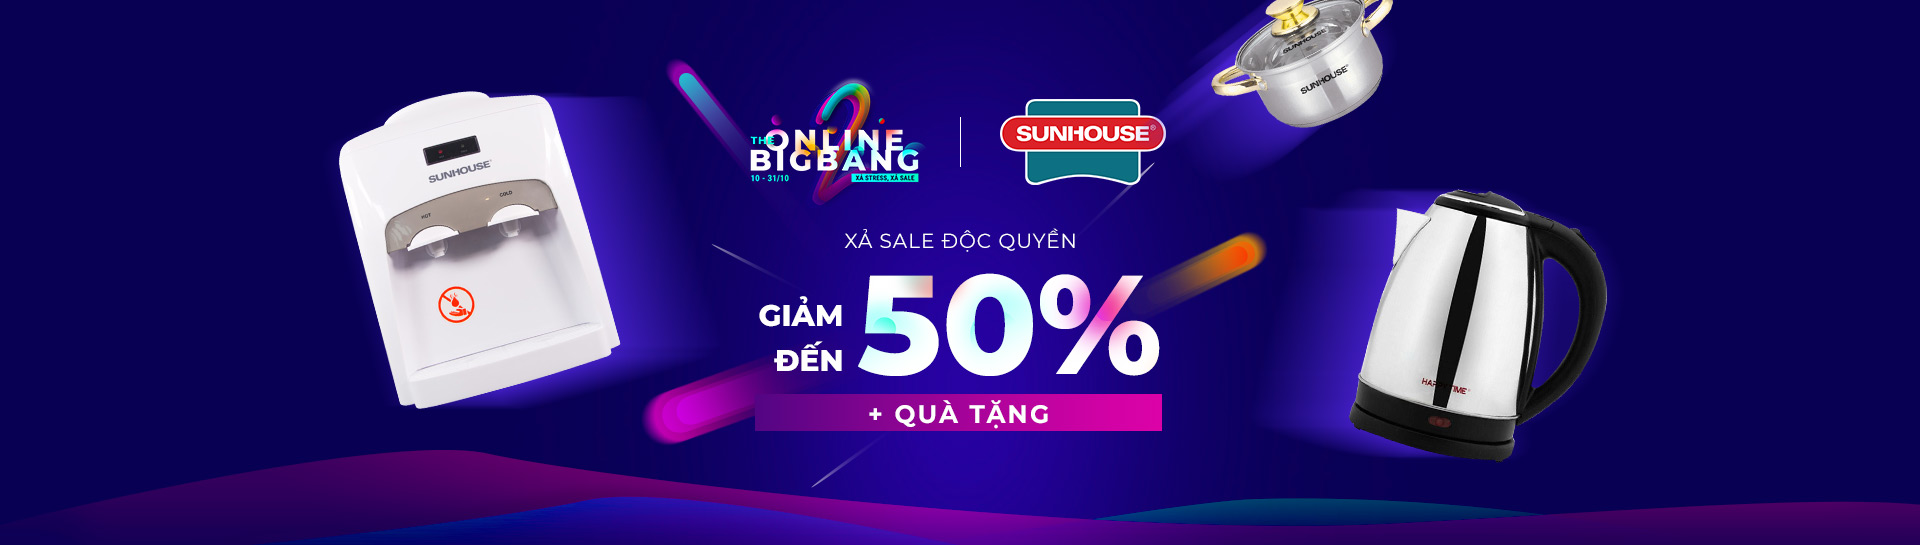 Hình ảnh Sunhouse - Giảm giá đến 50%+ Deal độc quyền + Quà tặng